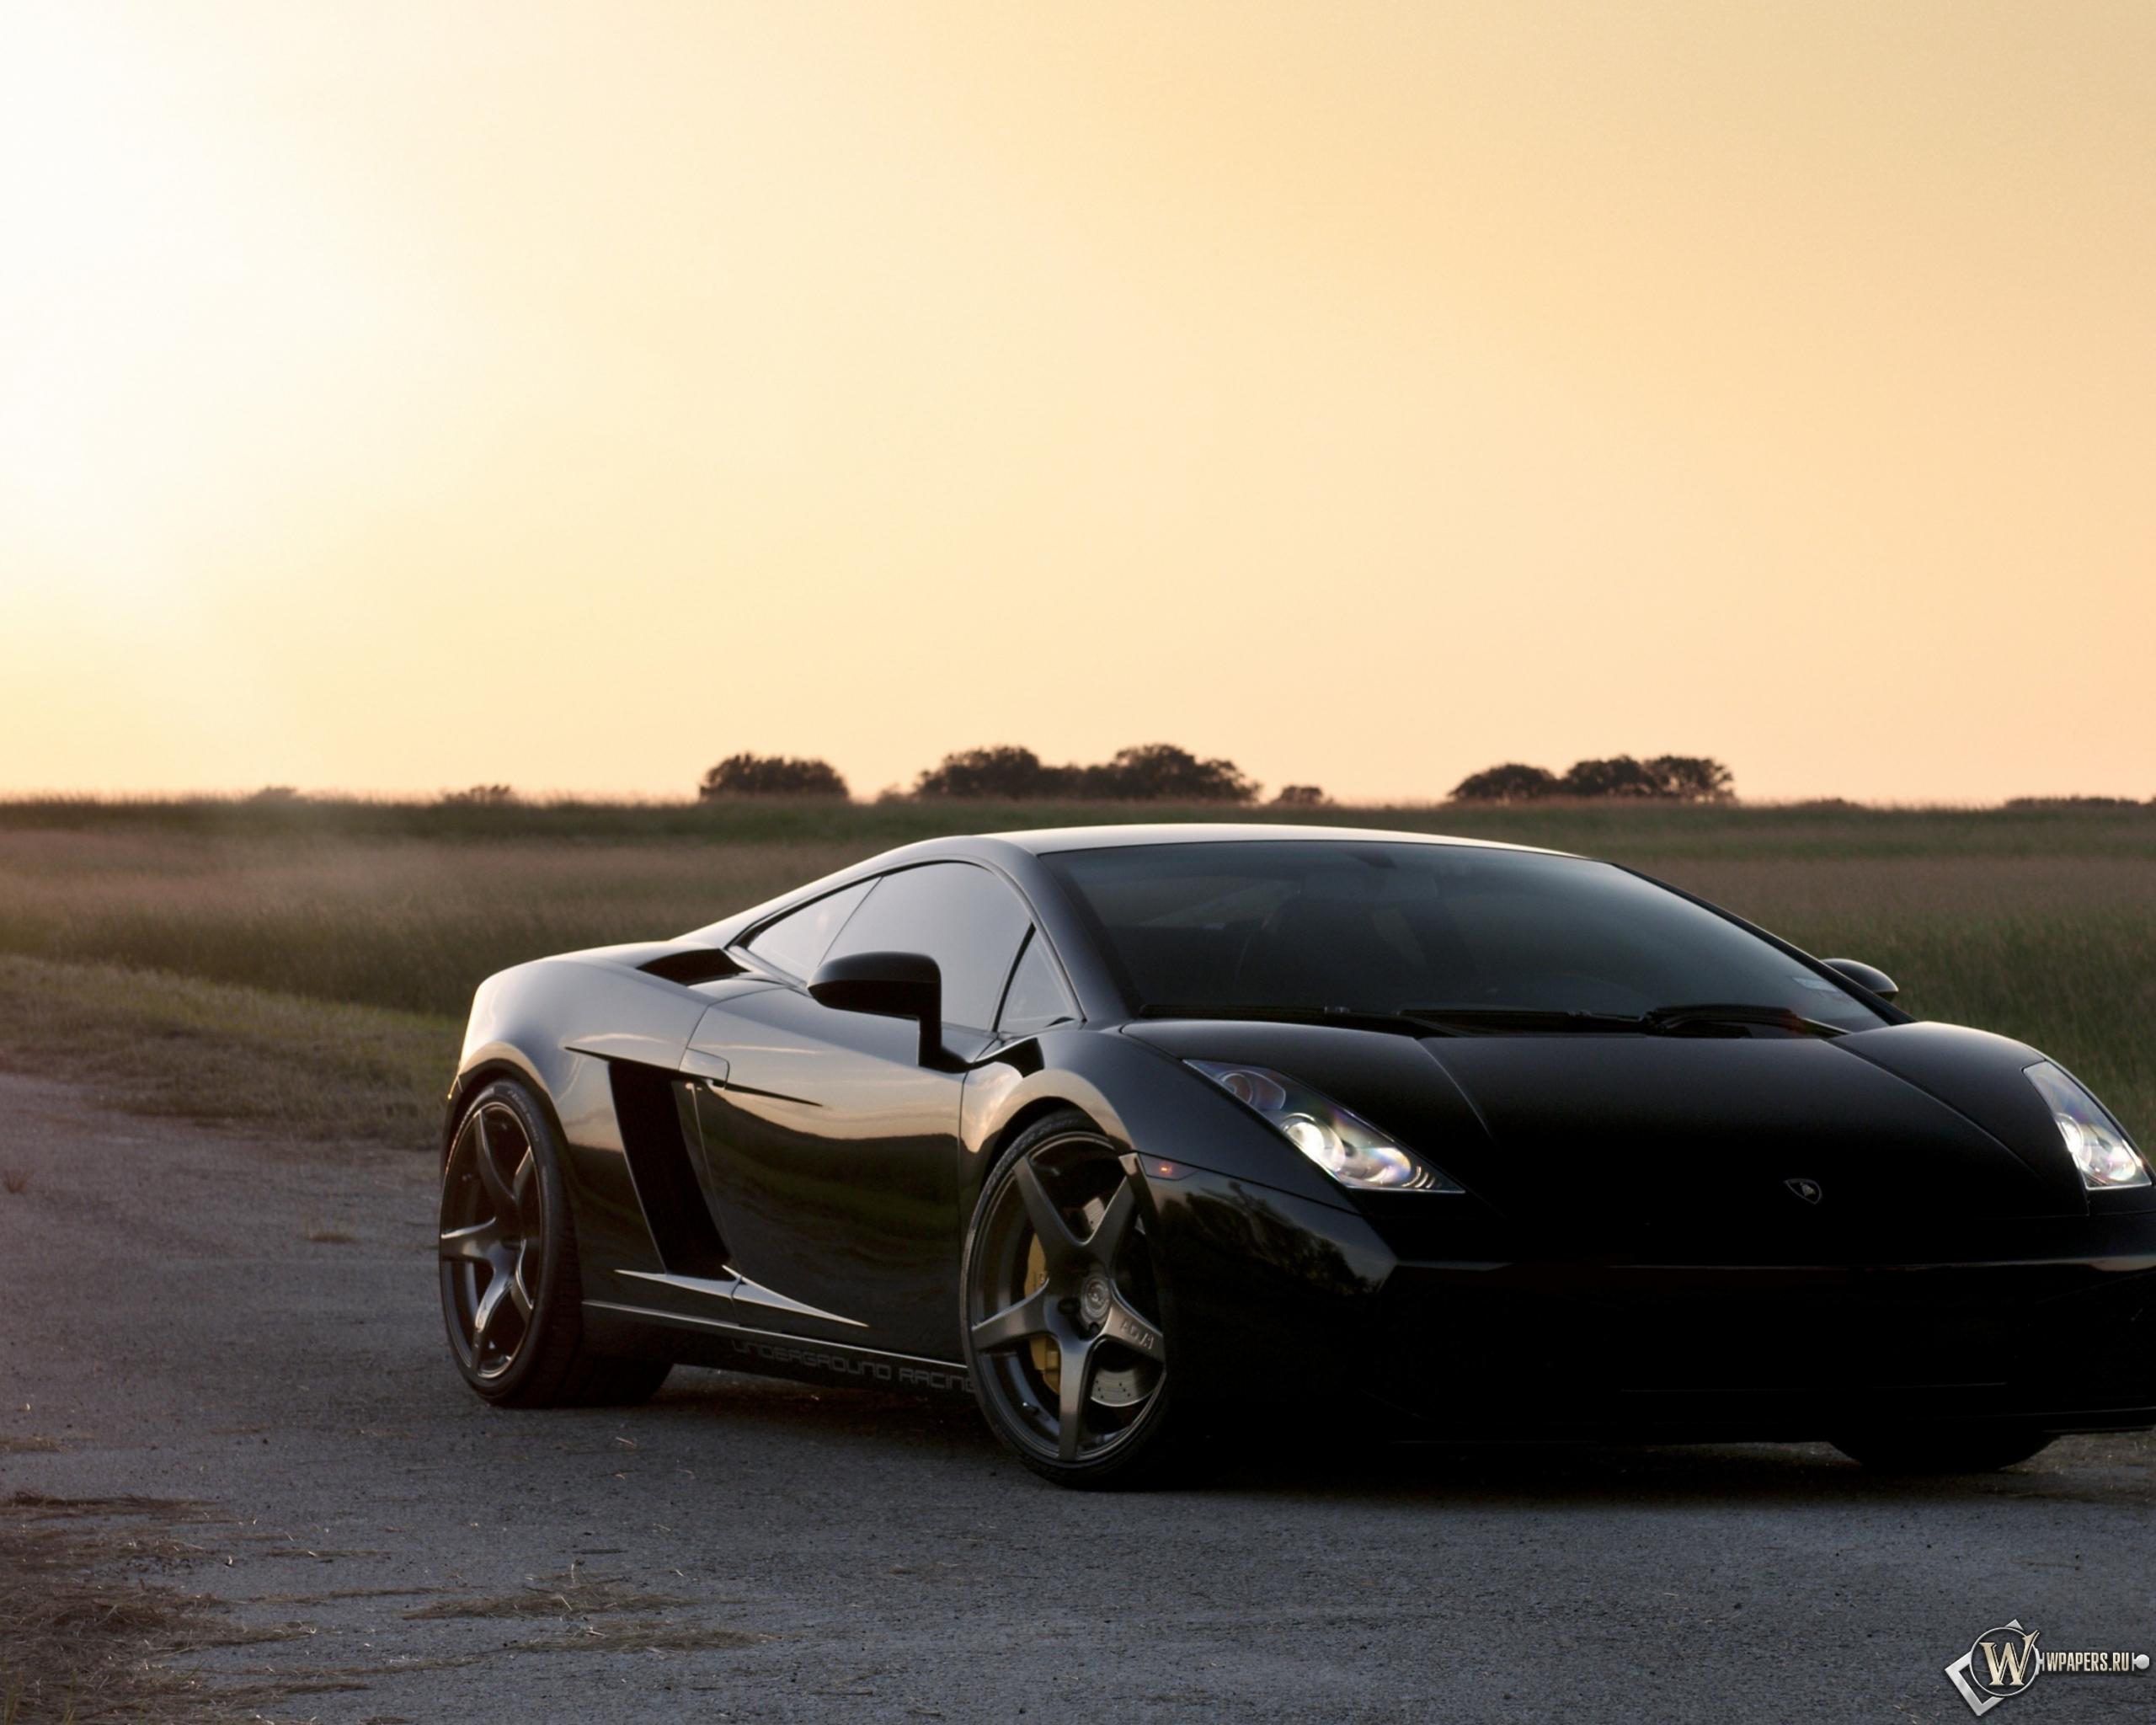 Lamborghini Gallardo 2560x2048